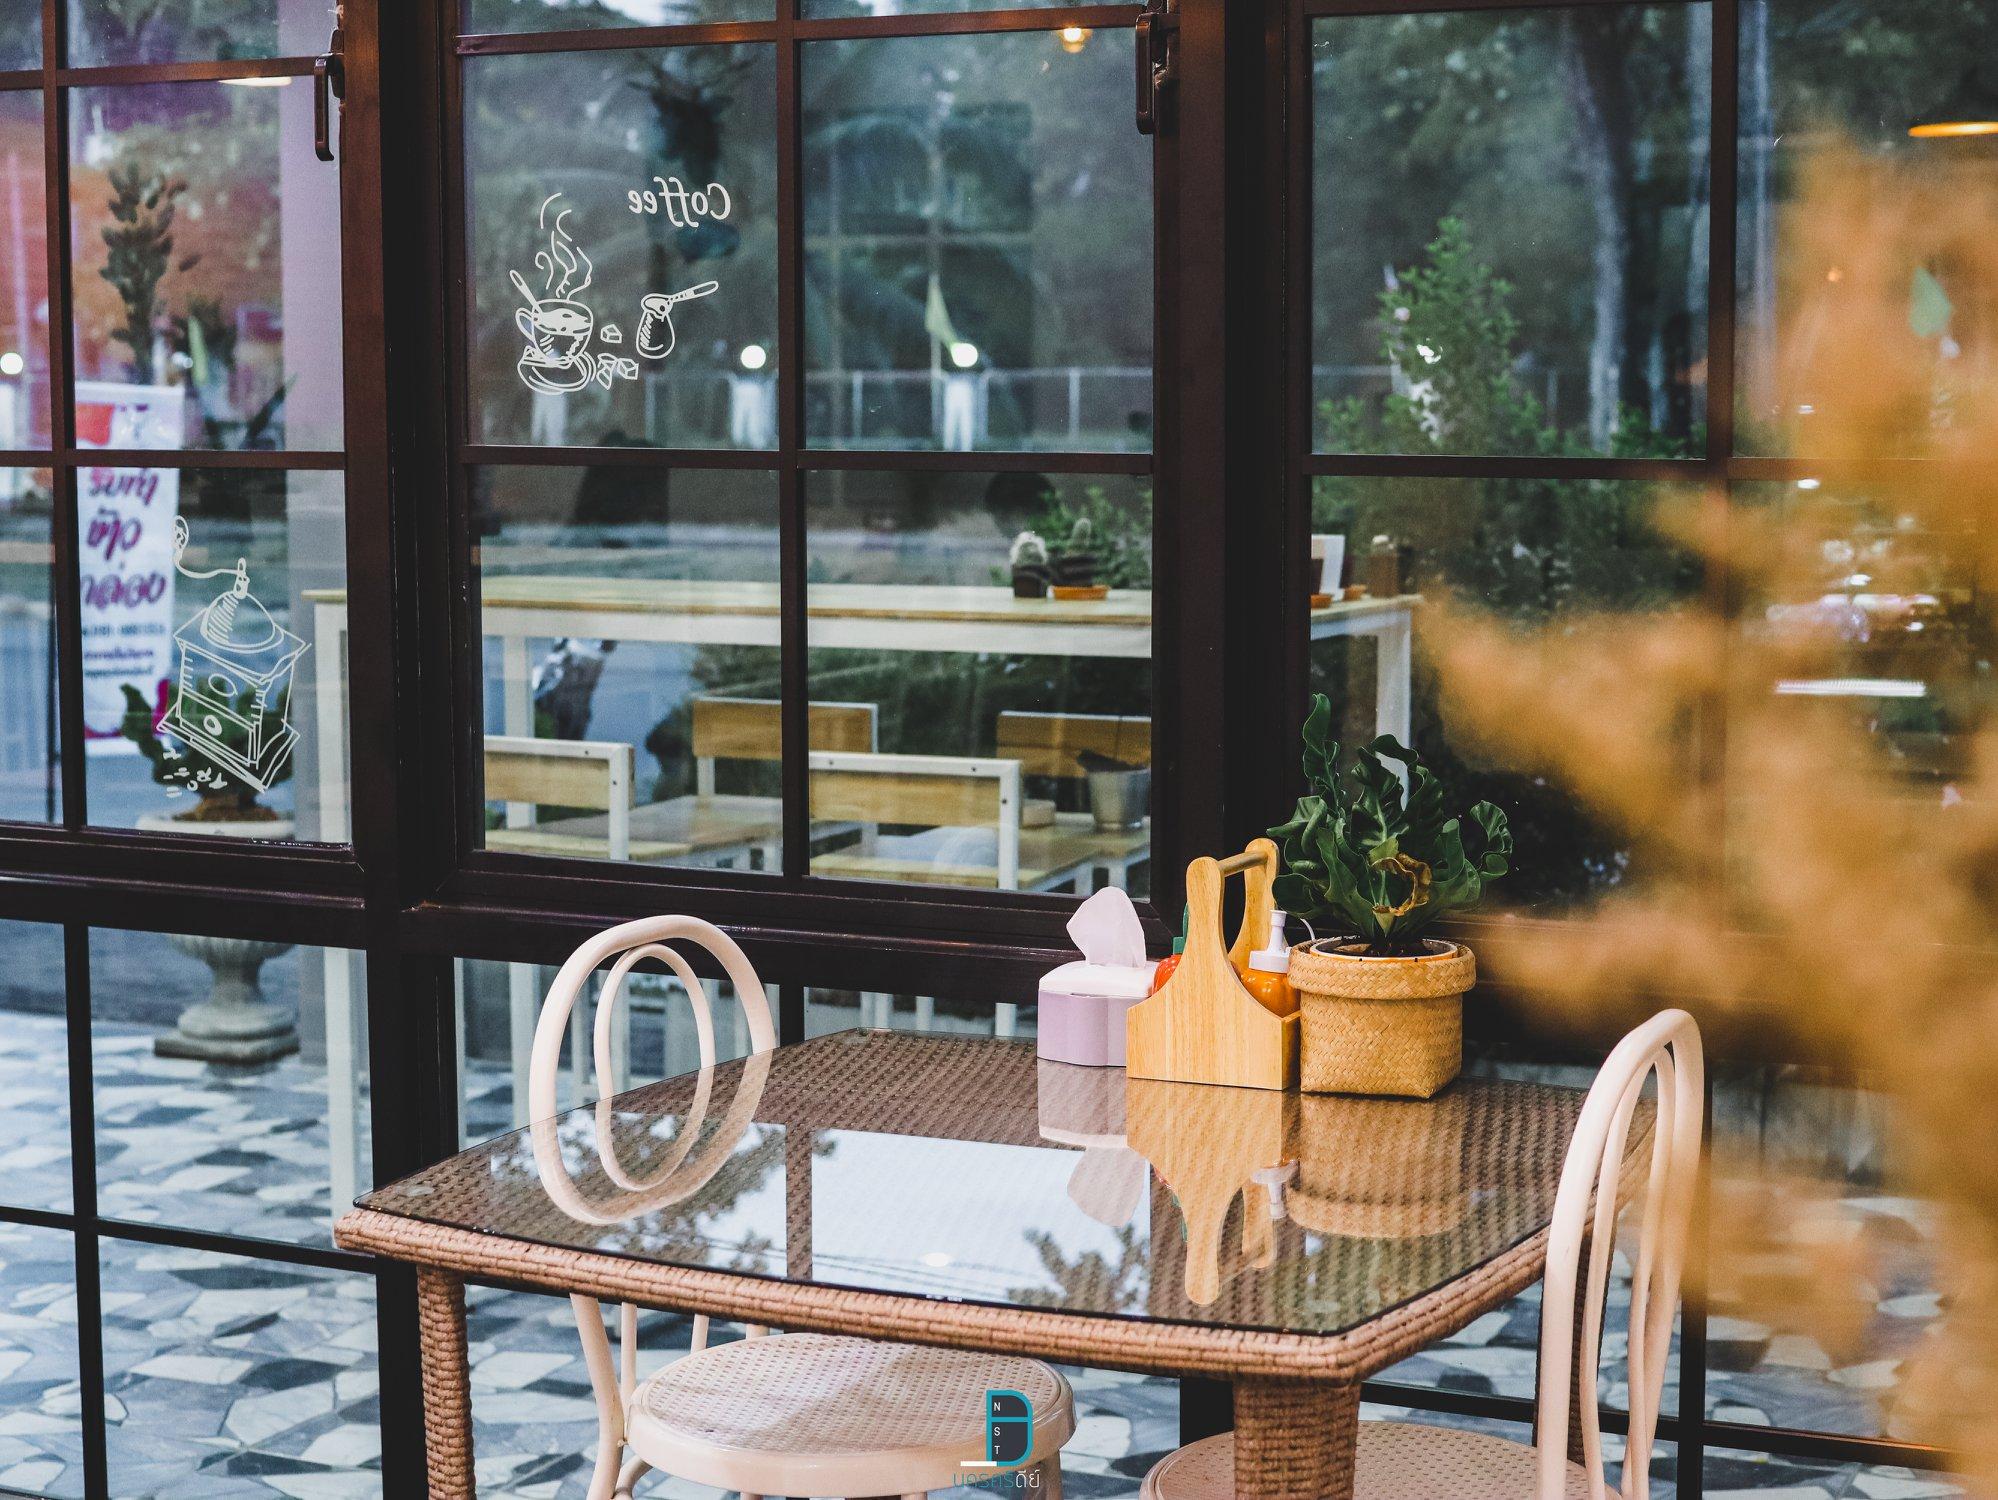 คาเฟ่ ฉวาง โทนขาวสไตล์มินิมอลน่ารัก Sima Cafe ศิมา คาเฟ่  นครศรีธรรมราช นครศรีดีย์